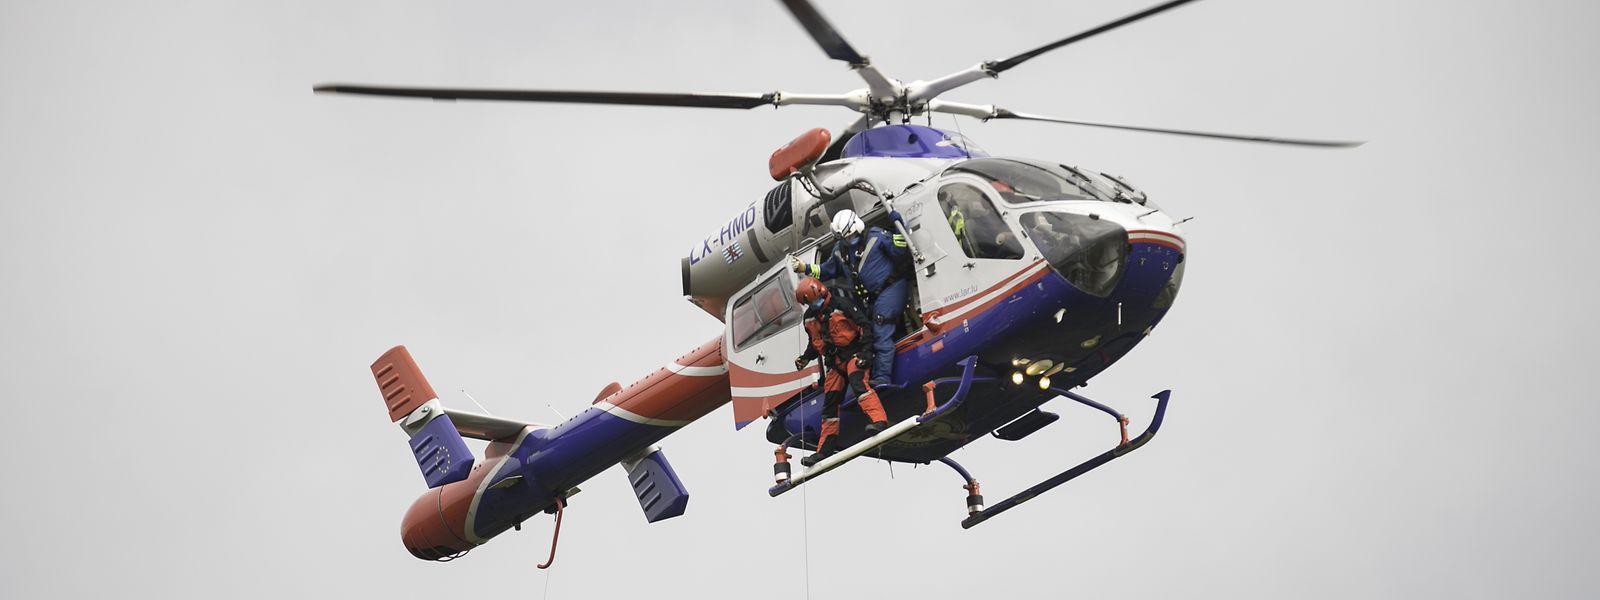 Pilot und Winch-Operator sind bei den Einsätzen mit der Rettungswinde besonders gefordert.